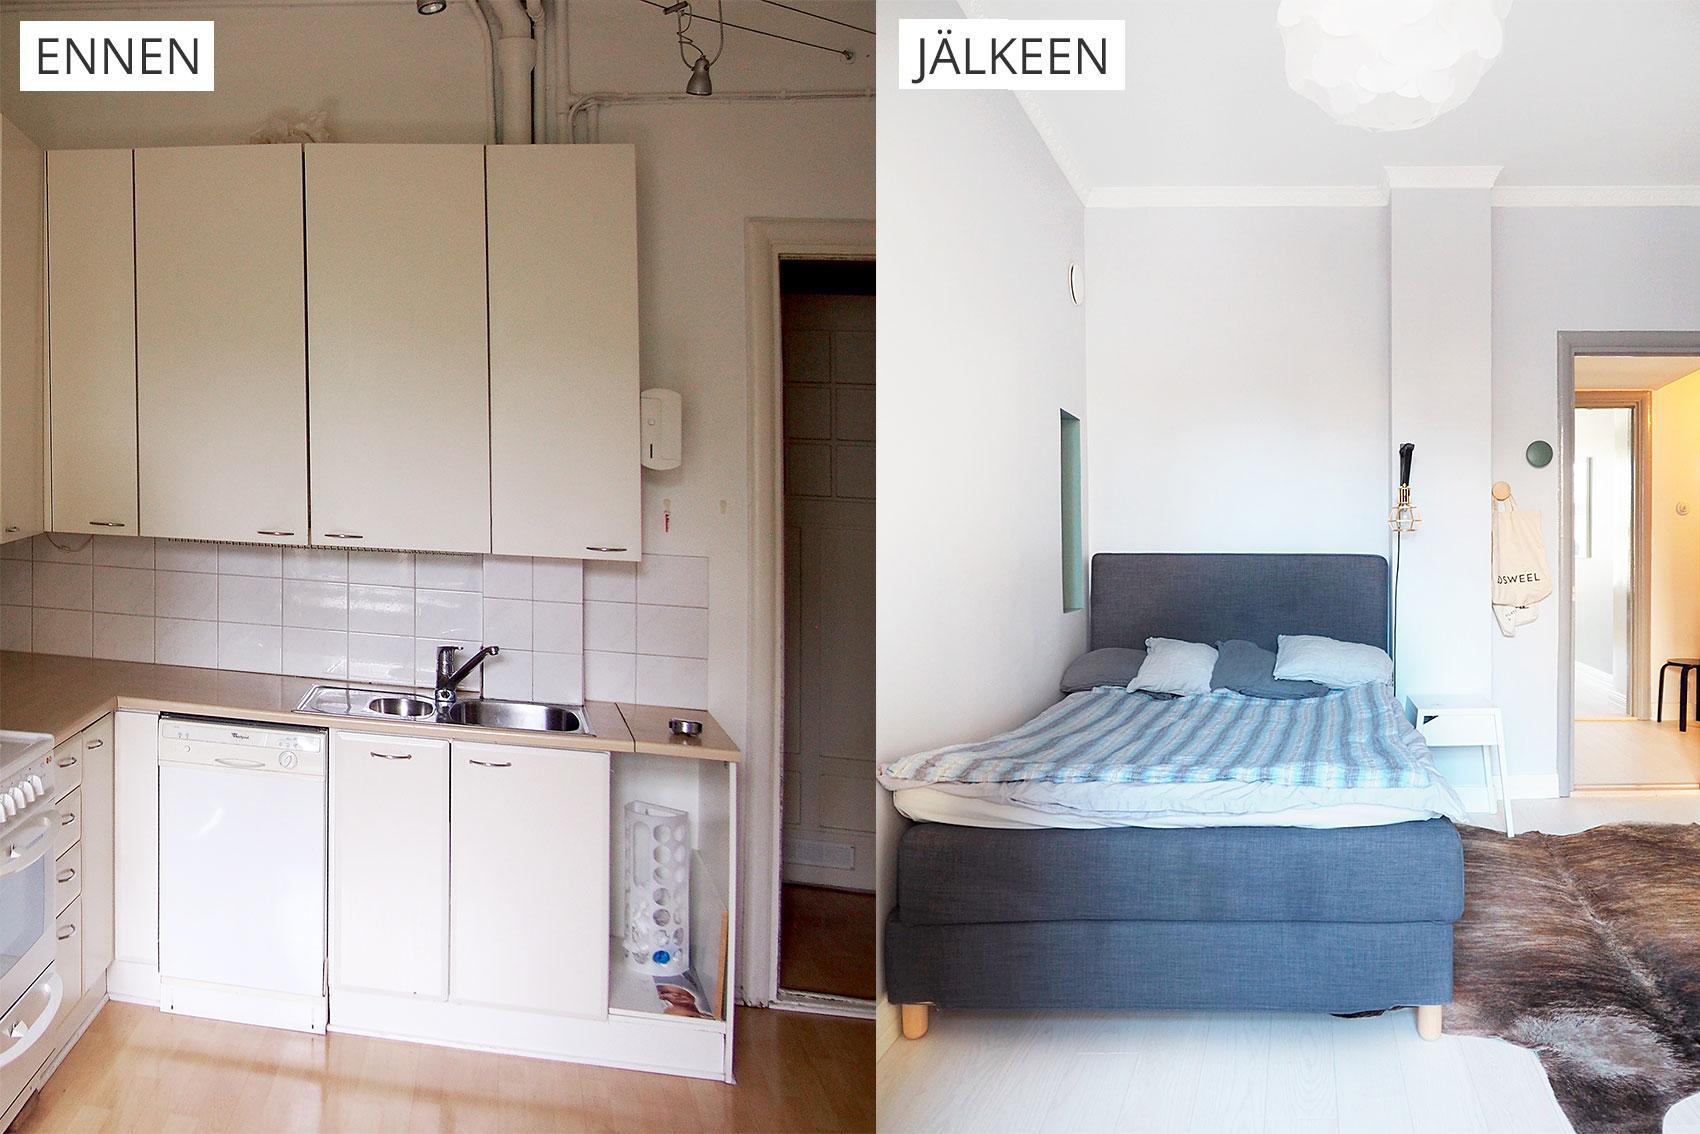 kaksion remontti, keittiö ennen ja jälkeen